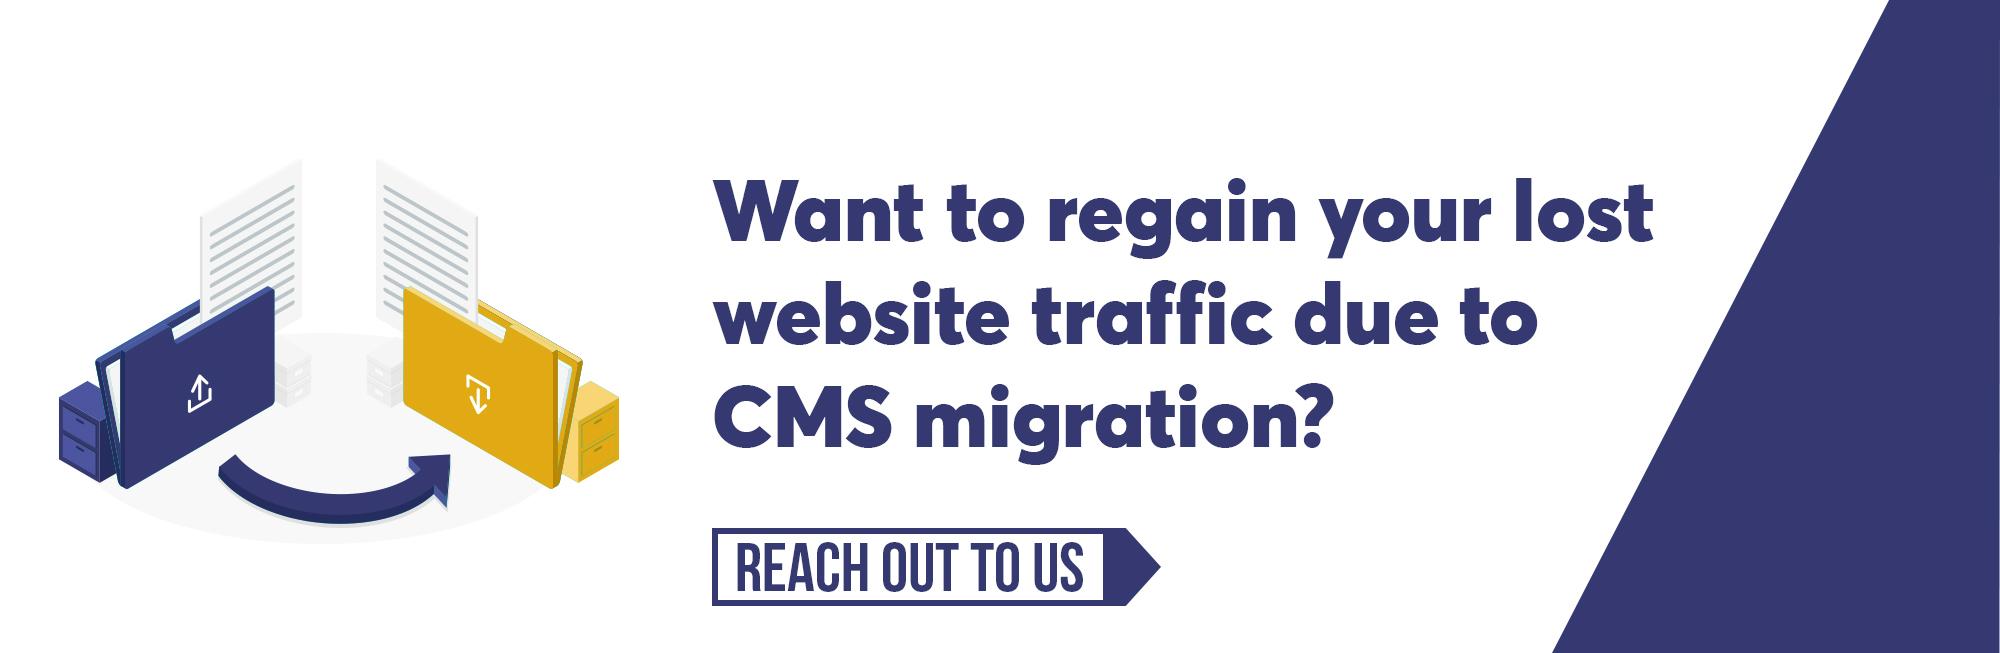 Don_t-Let-Your-CMS-Migration-Go-South-CTA